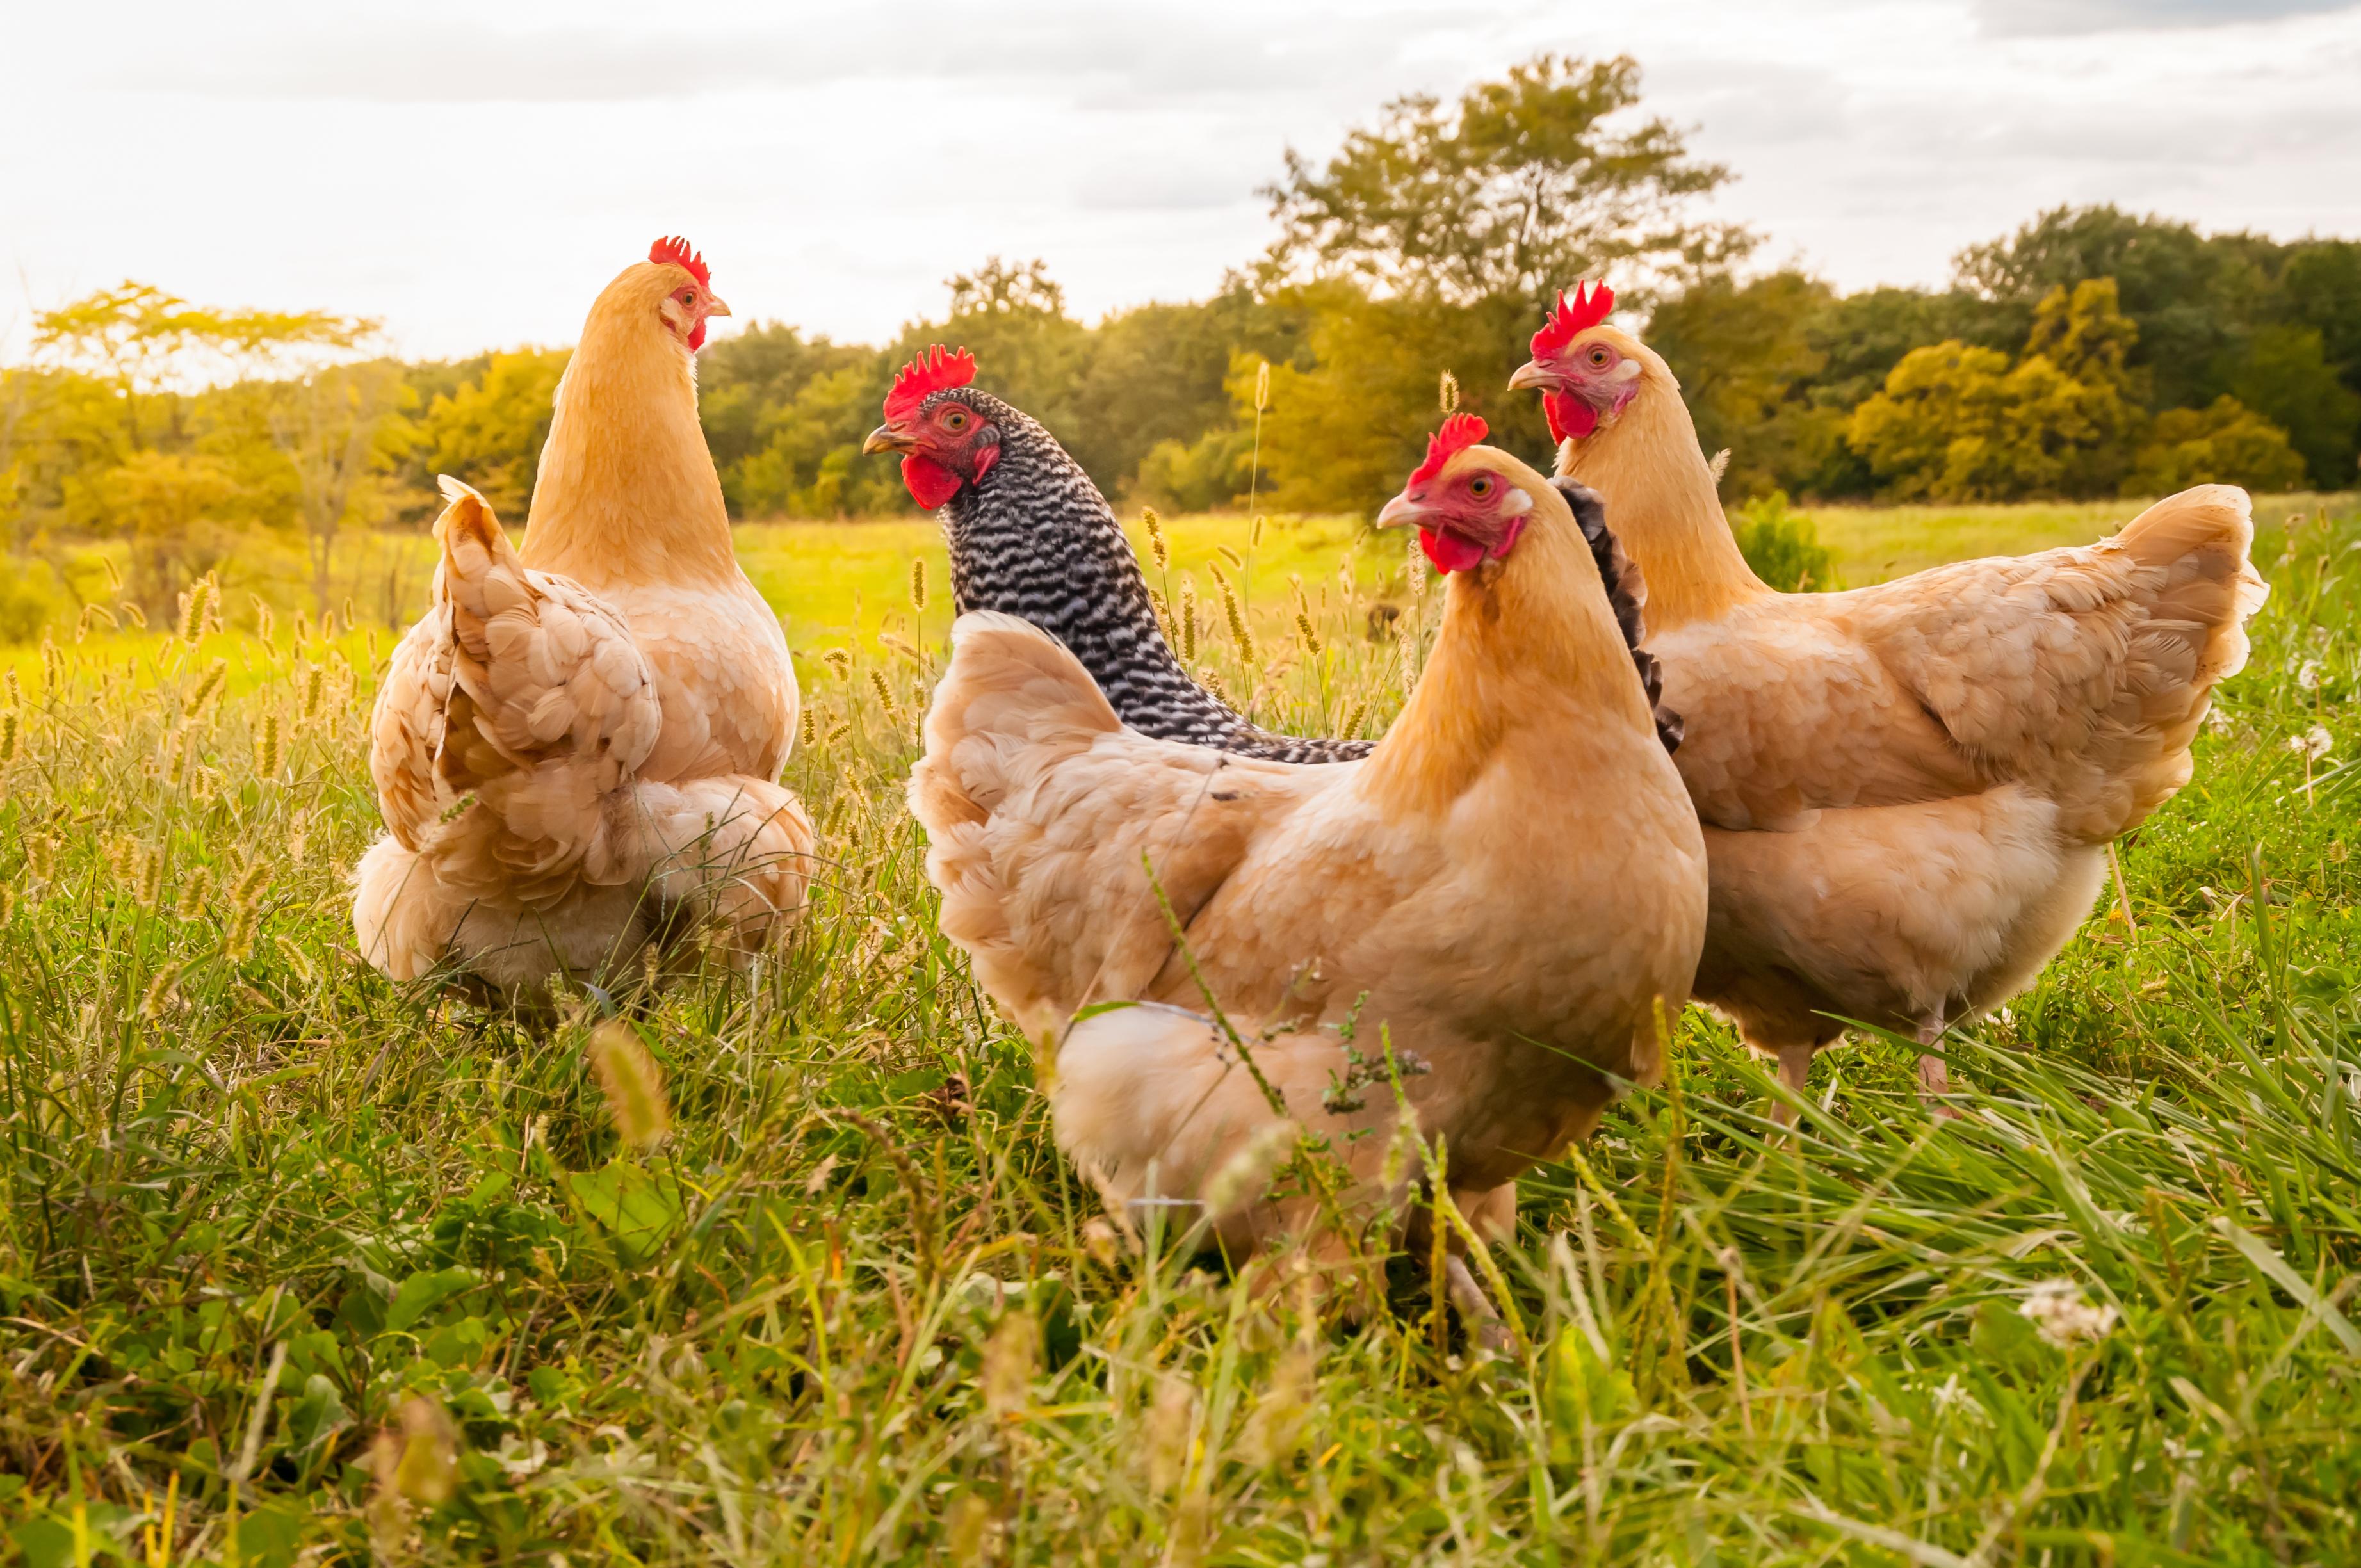 poultry shutterstock_752120836